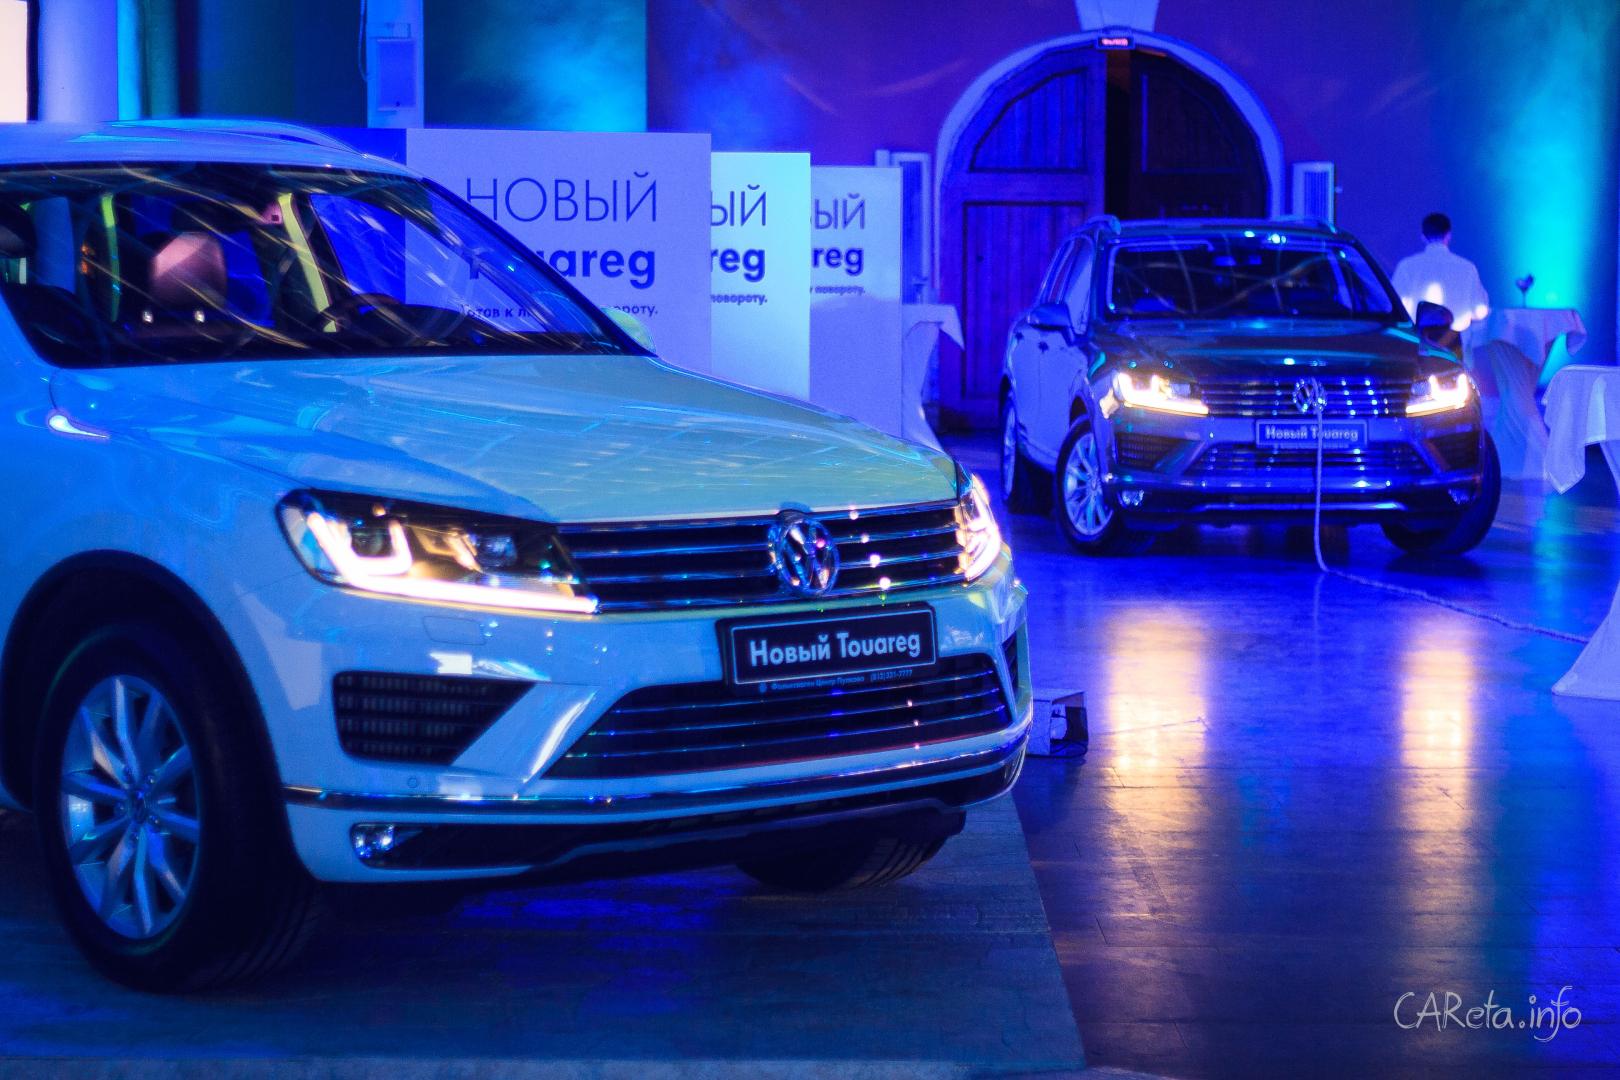 Премьера в Санкт-Петербурге нового Volkswagen Touareg